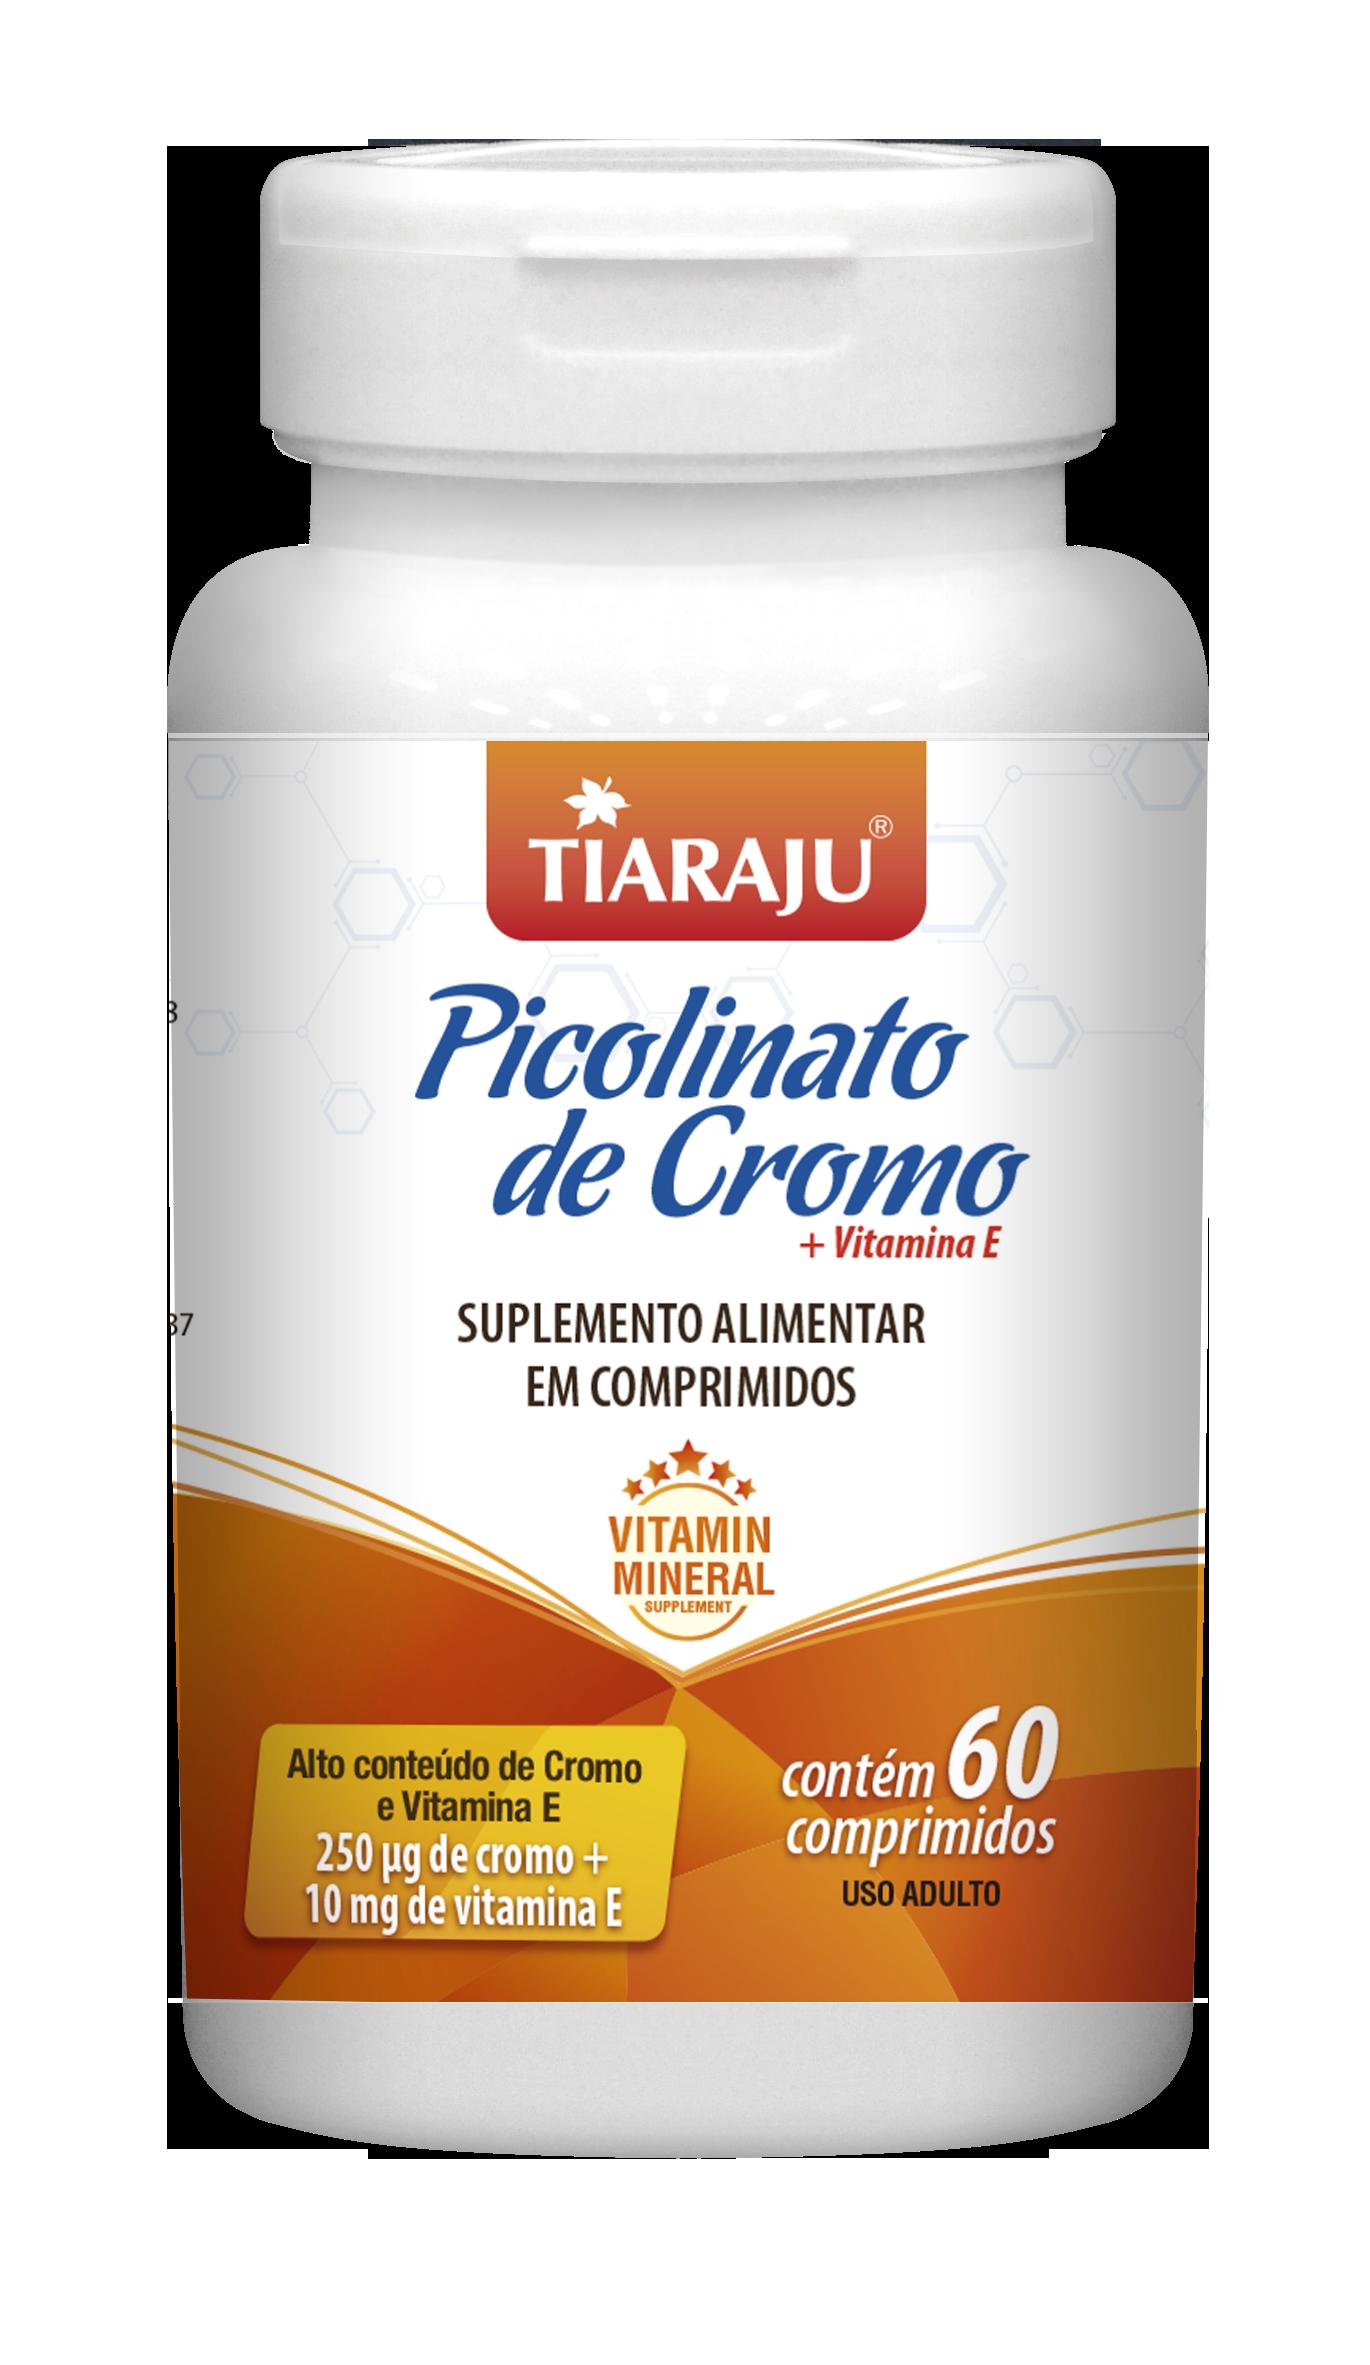 Picolinato de Cromo + Vitamina E